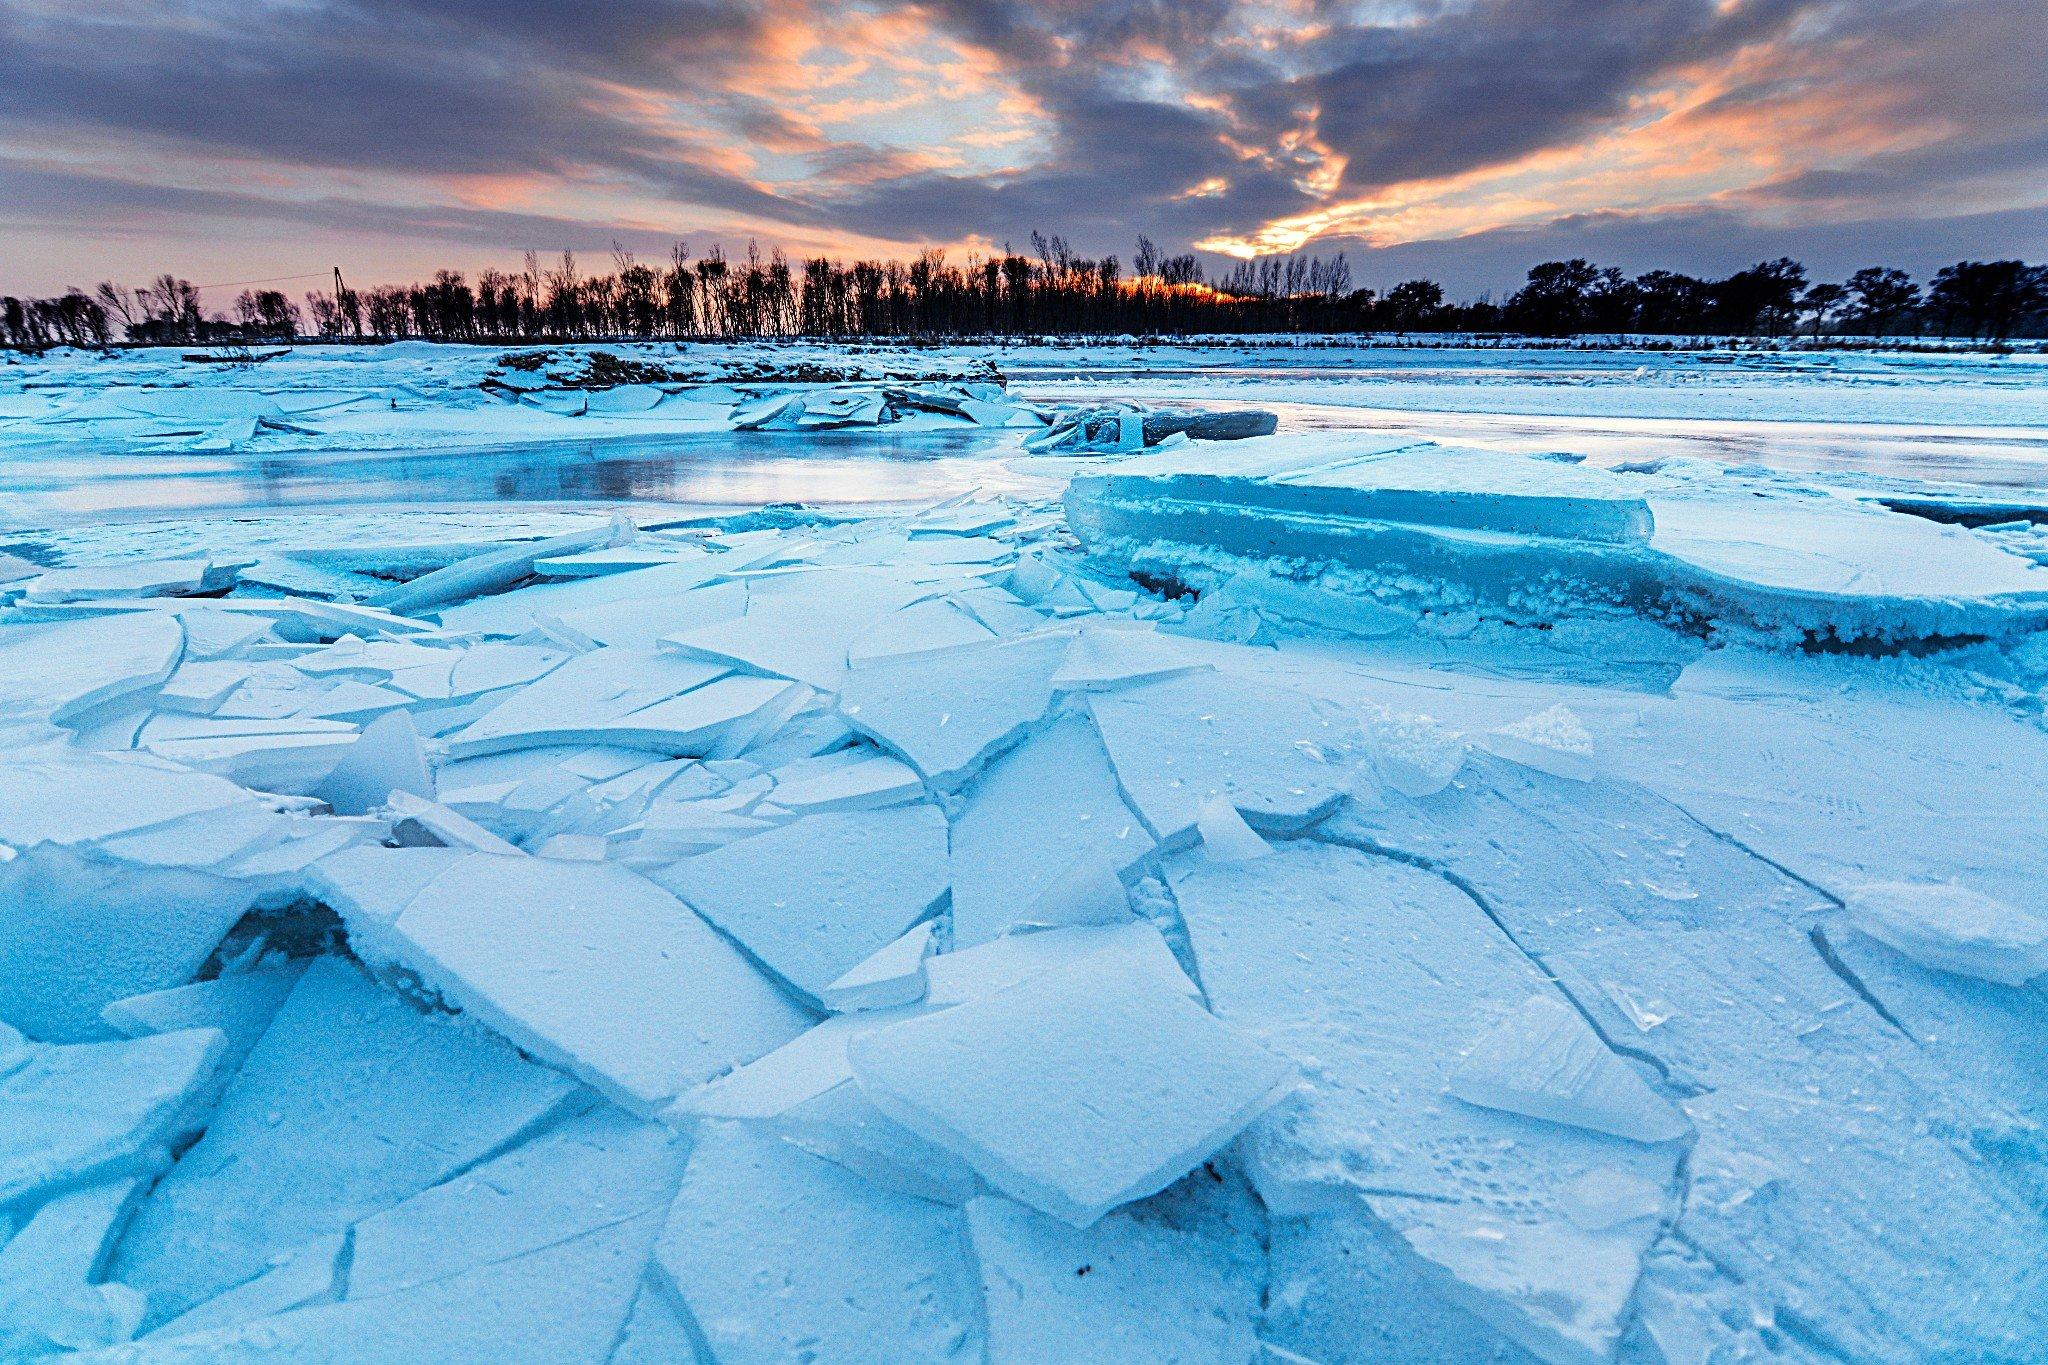 五常旅游攻略 东北·冬—雪乡-长白山-雾凇岛-查干湖 丨 隔壁王叔